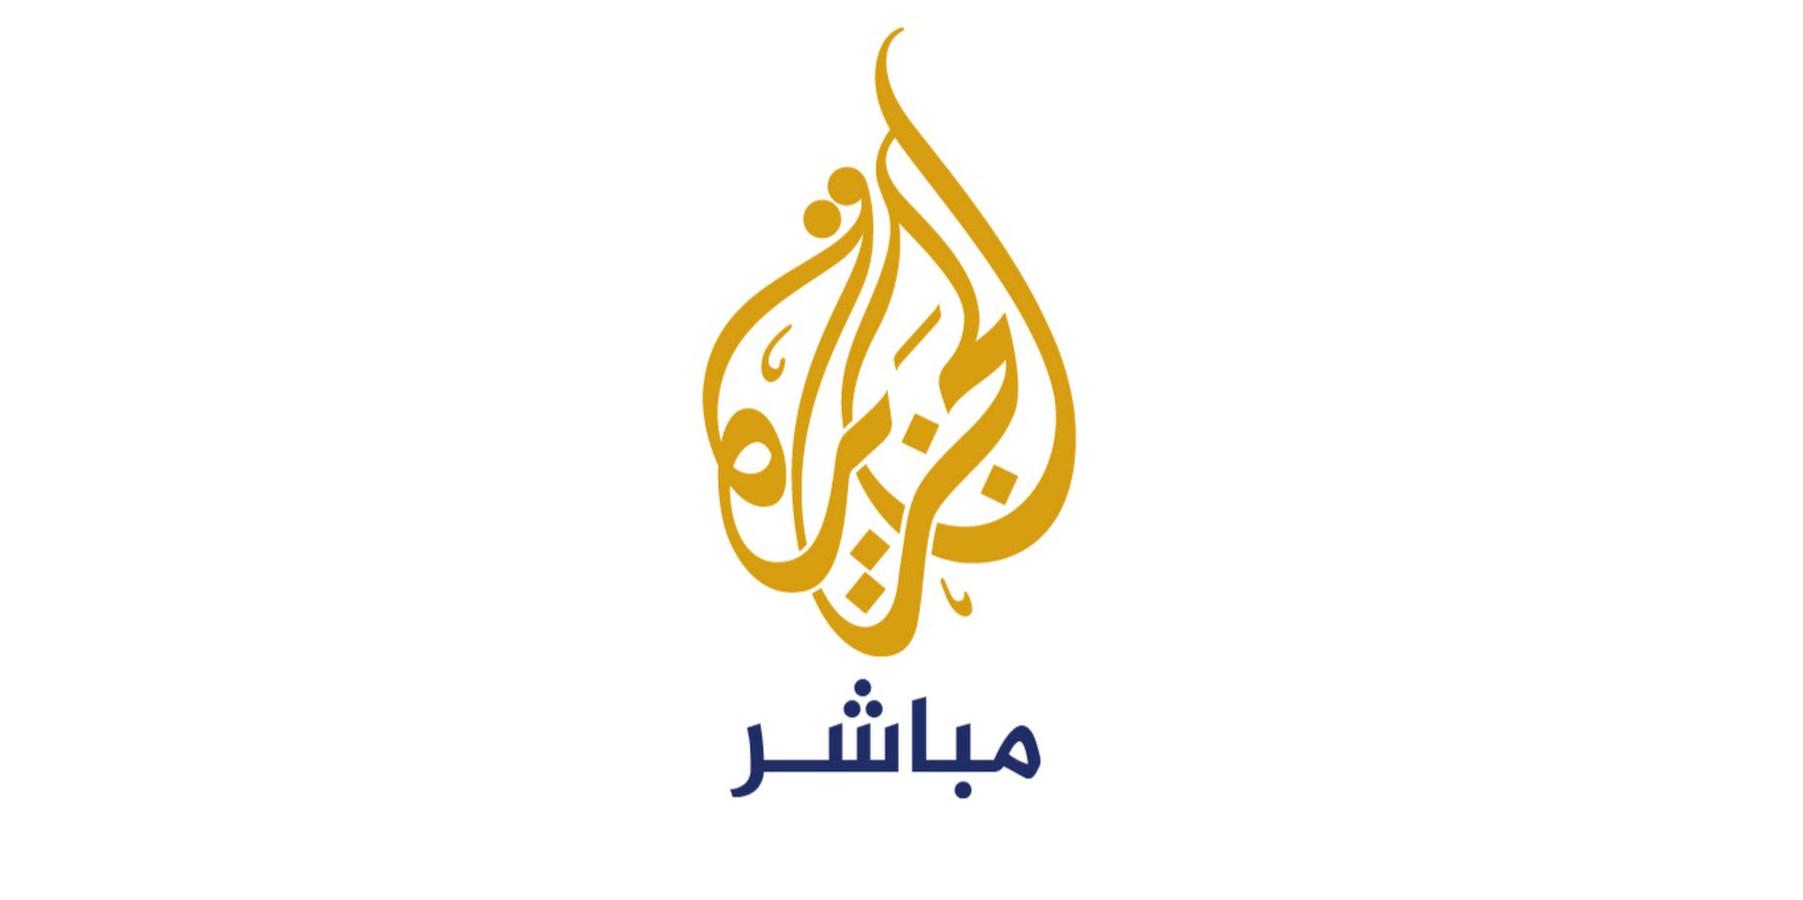 بالصور تردد قناة الجزيرة مباشر , قناه الاخبار الحصريه و ترددها 1312